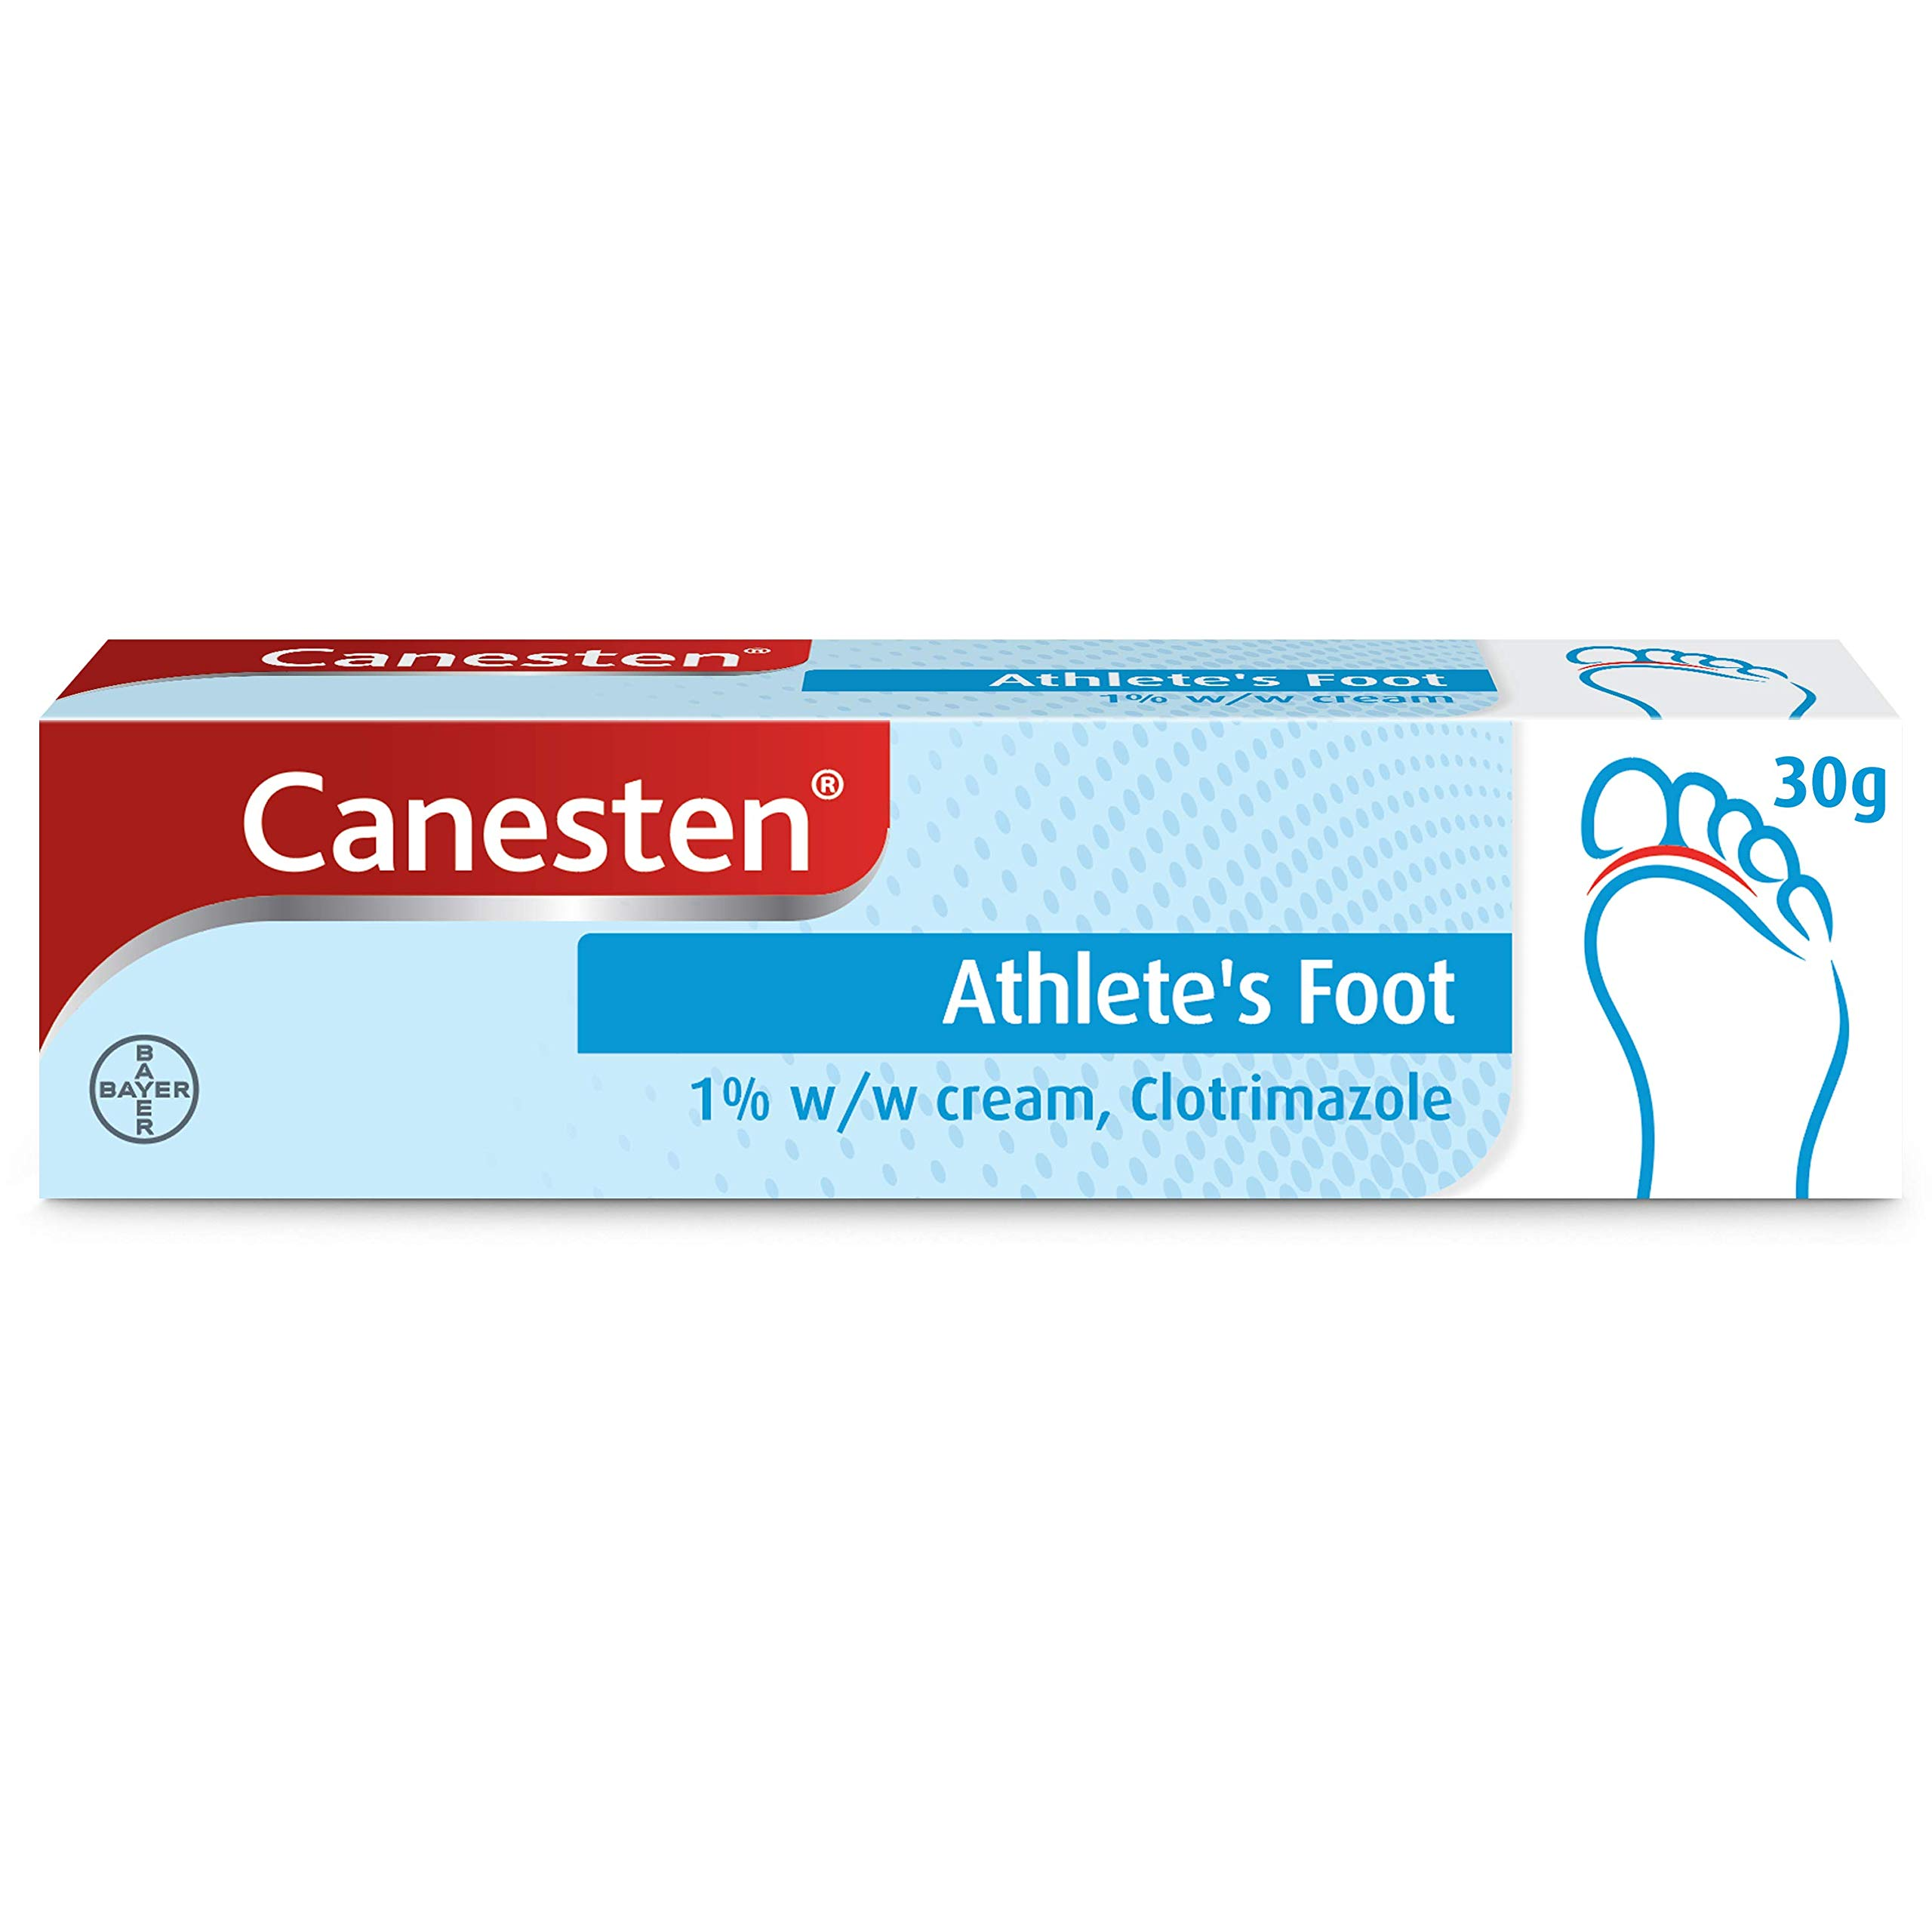 Canesten Athletes Foot Cream, Dual Action, Clotrimazole, Antifungal Cream, Antibacterial Cream, For the Treatment of Athlete's Foot 30 g